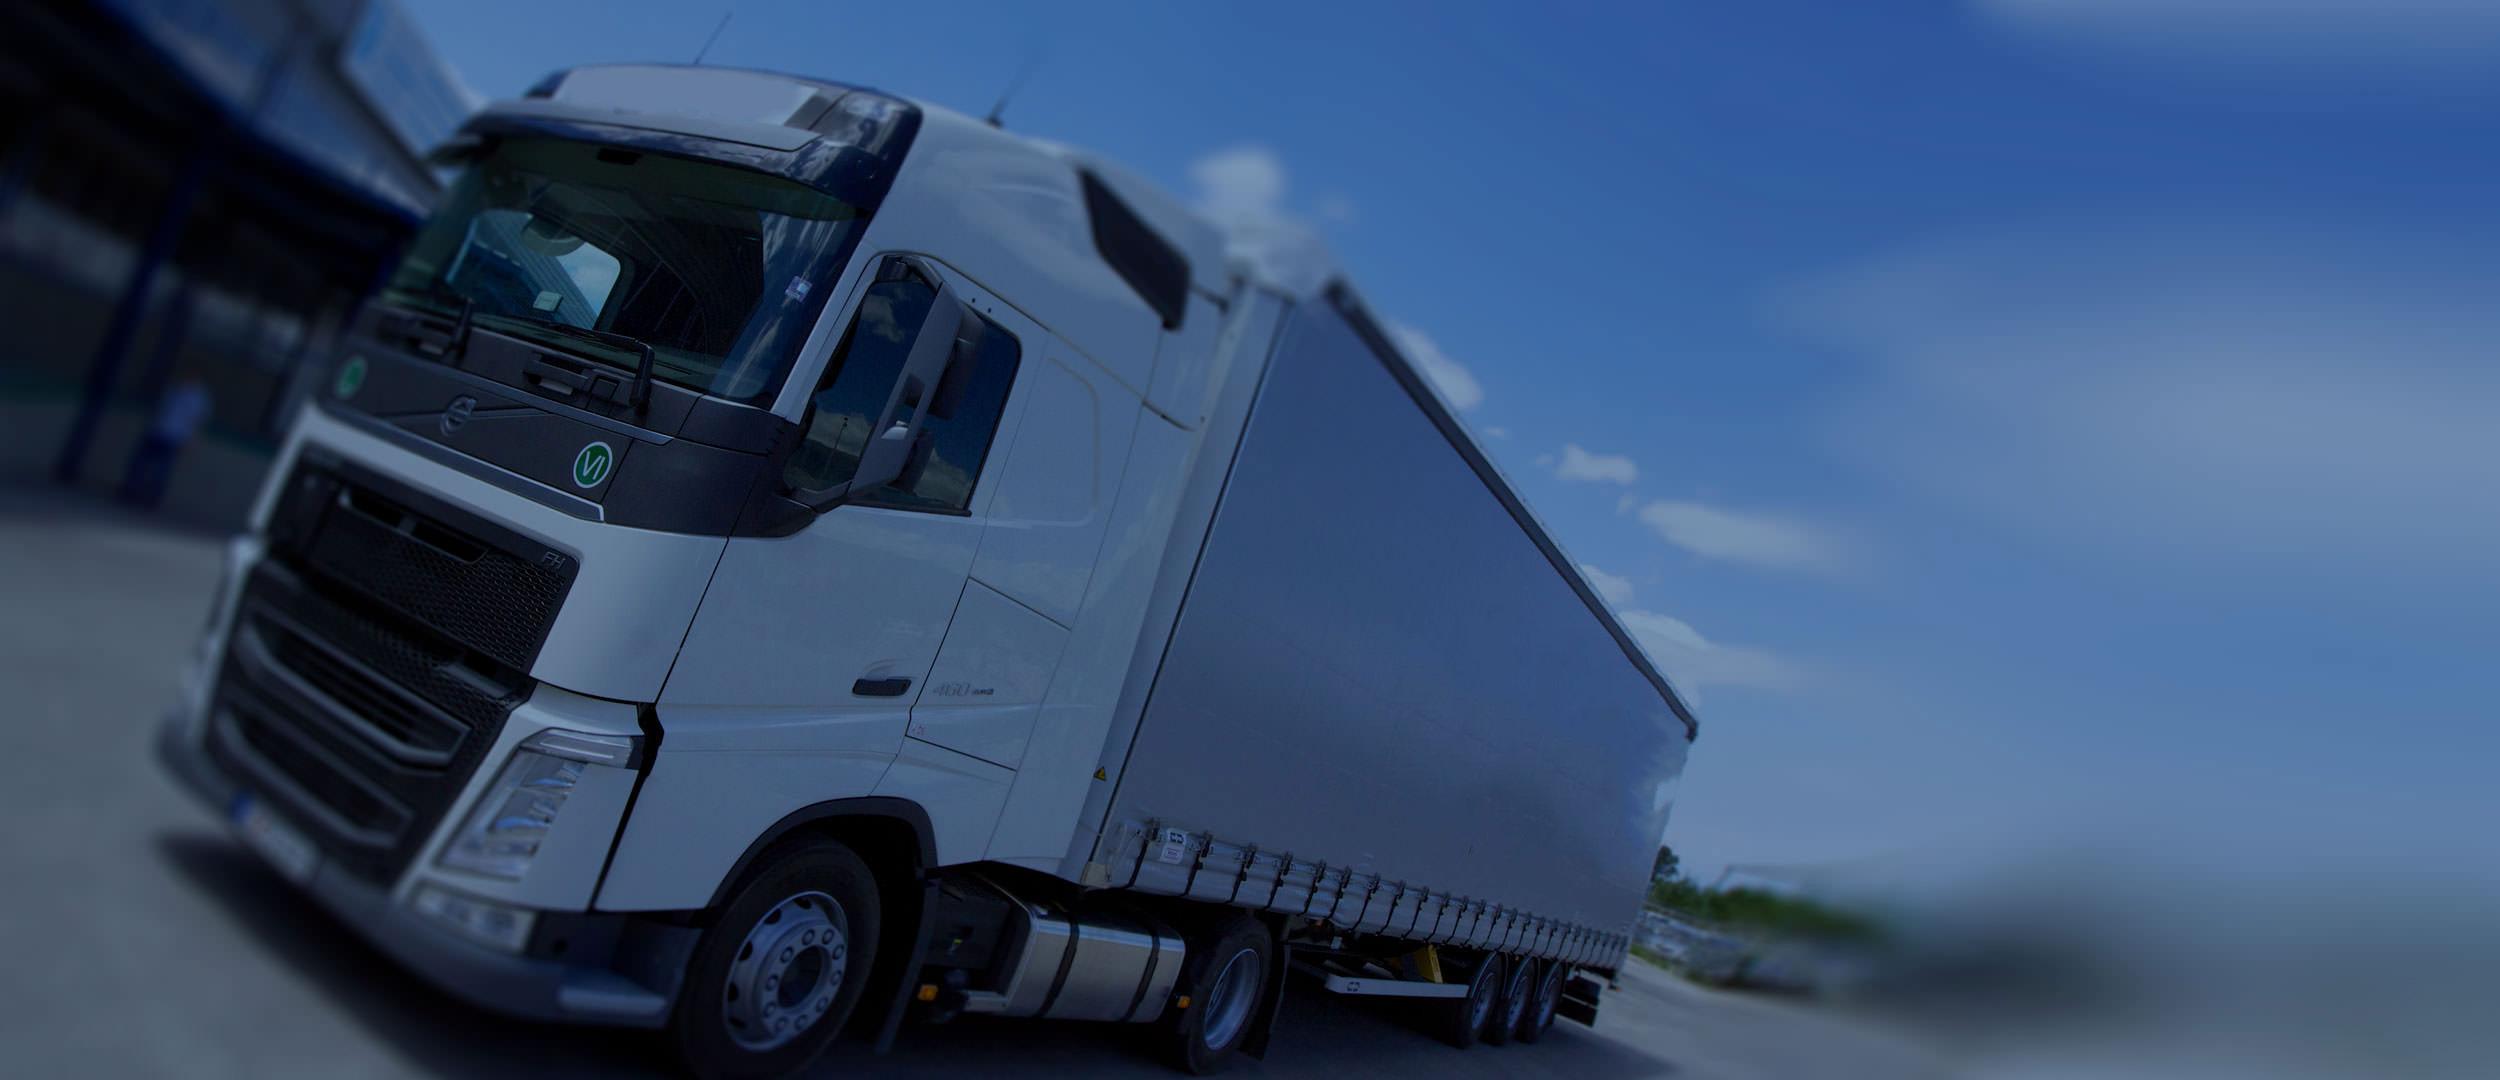 کامیون های مجهز و کاملا مدرن